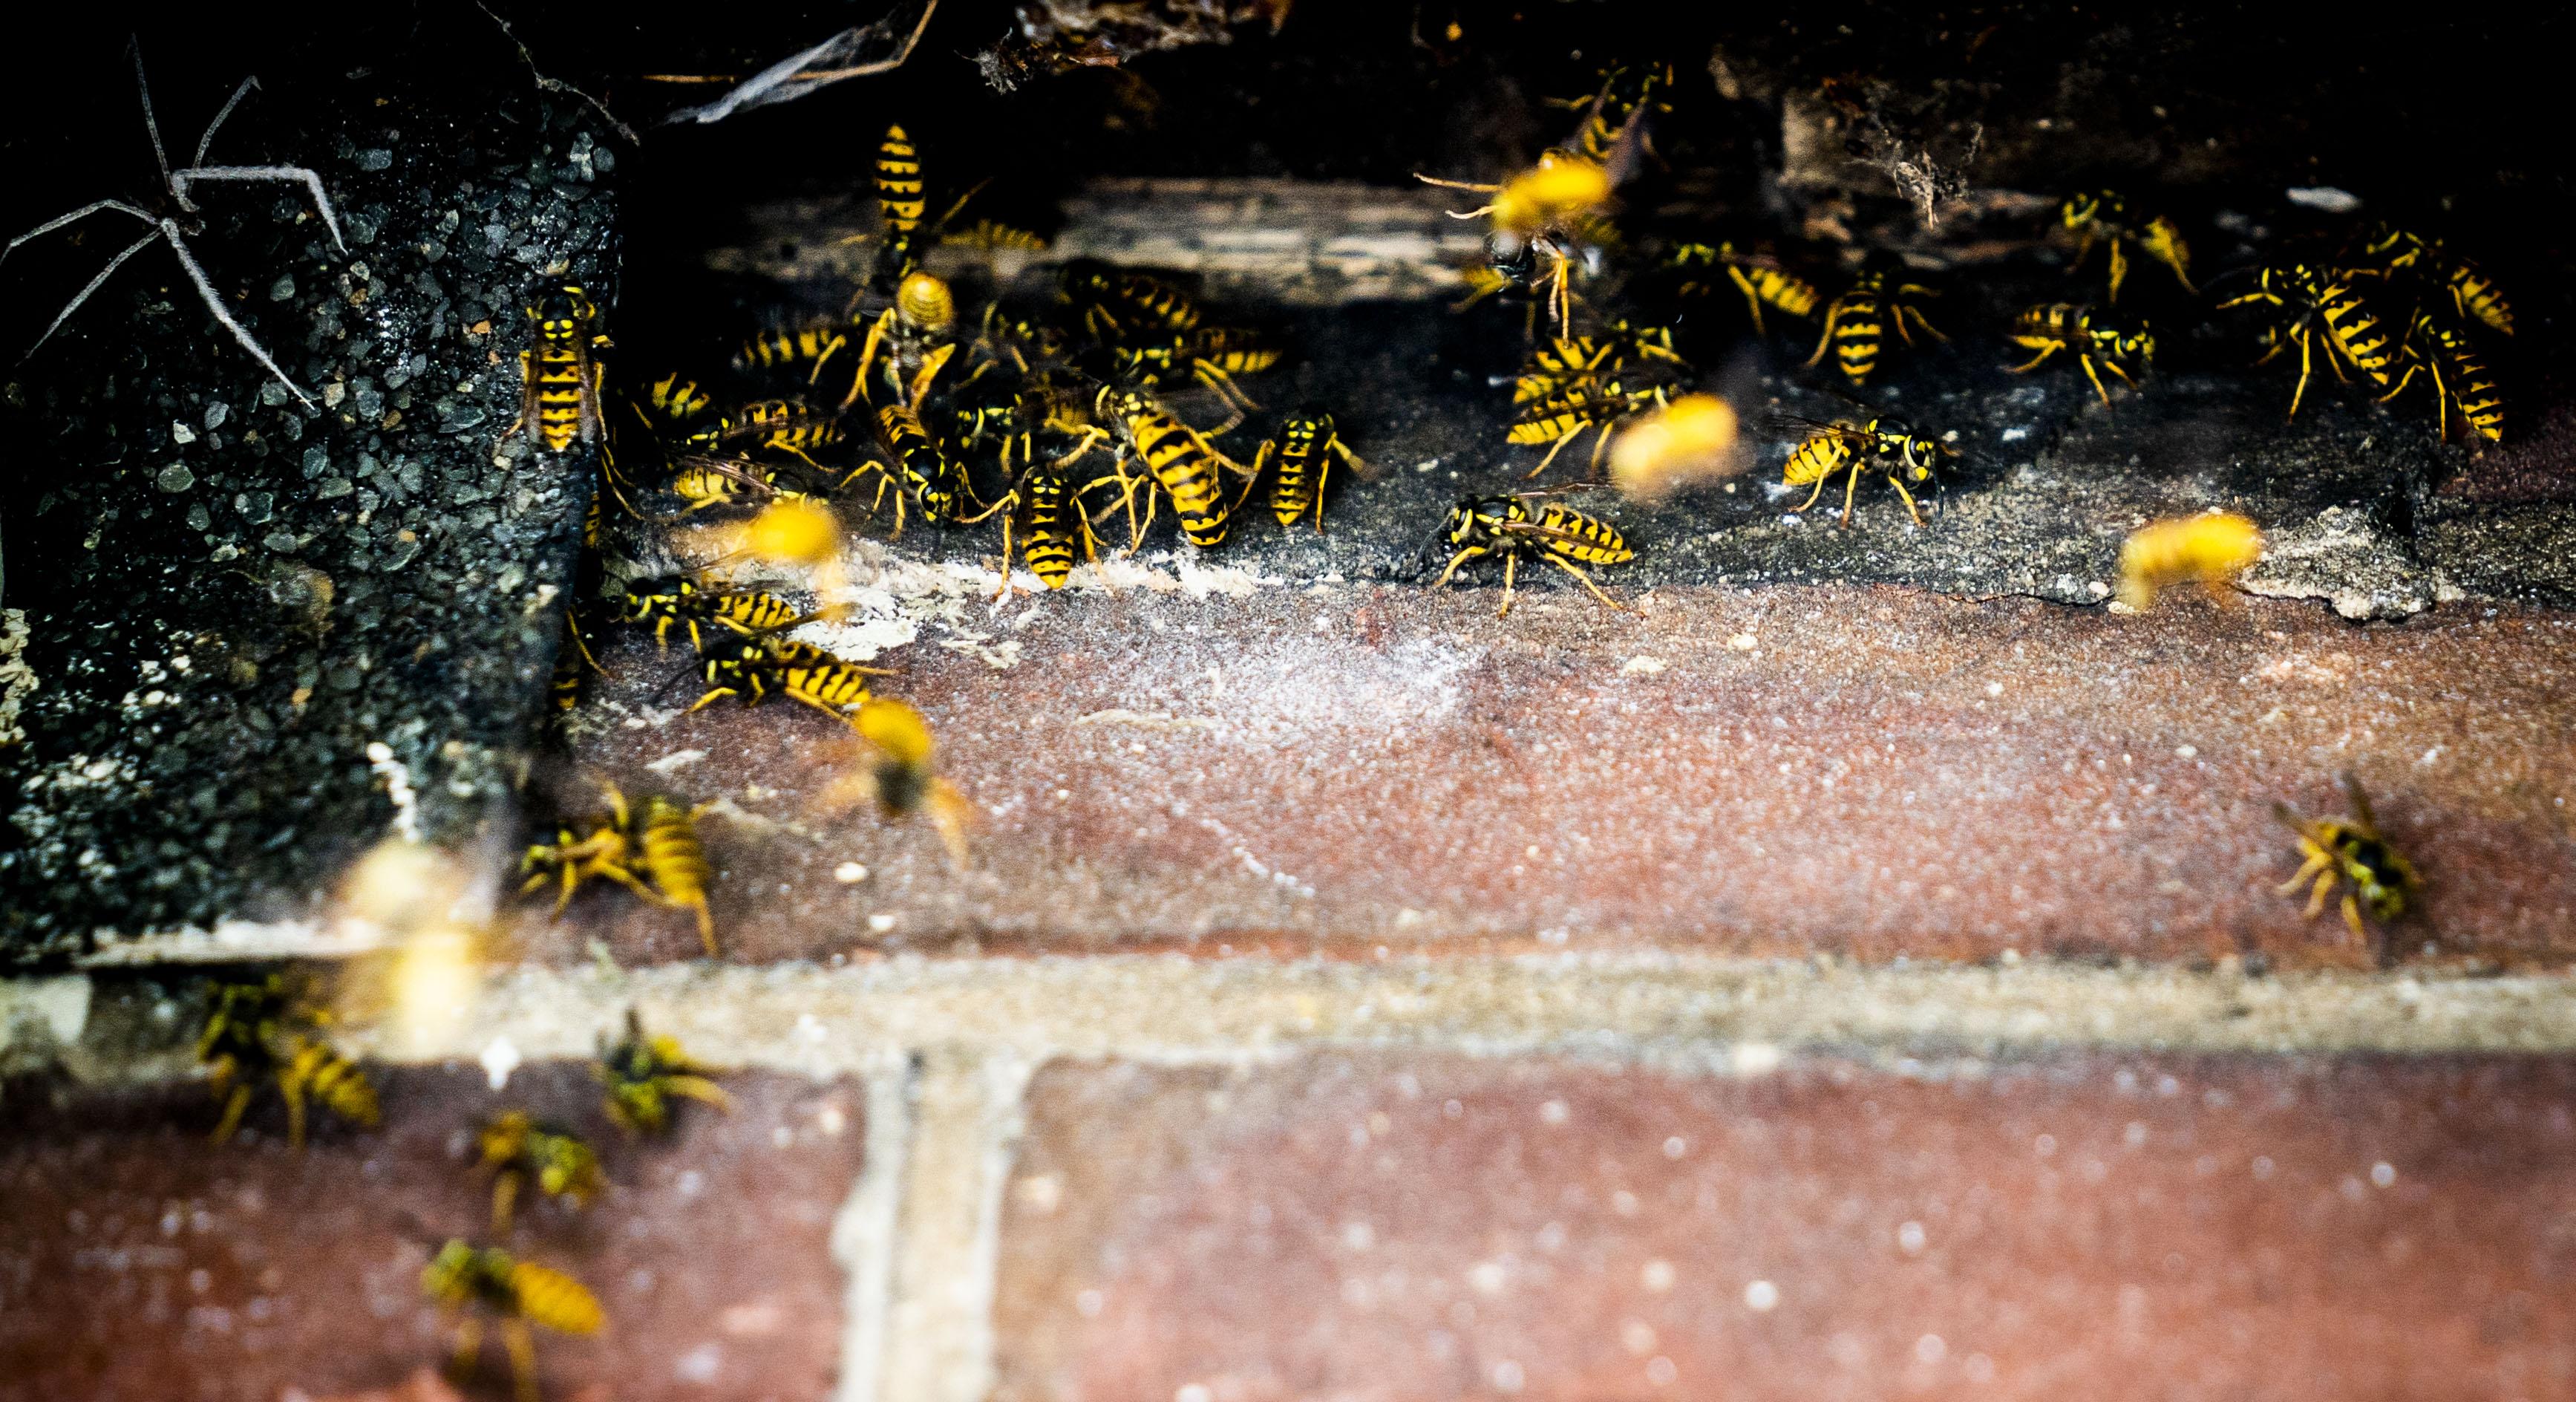 Een foto van een wespennest